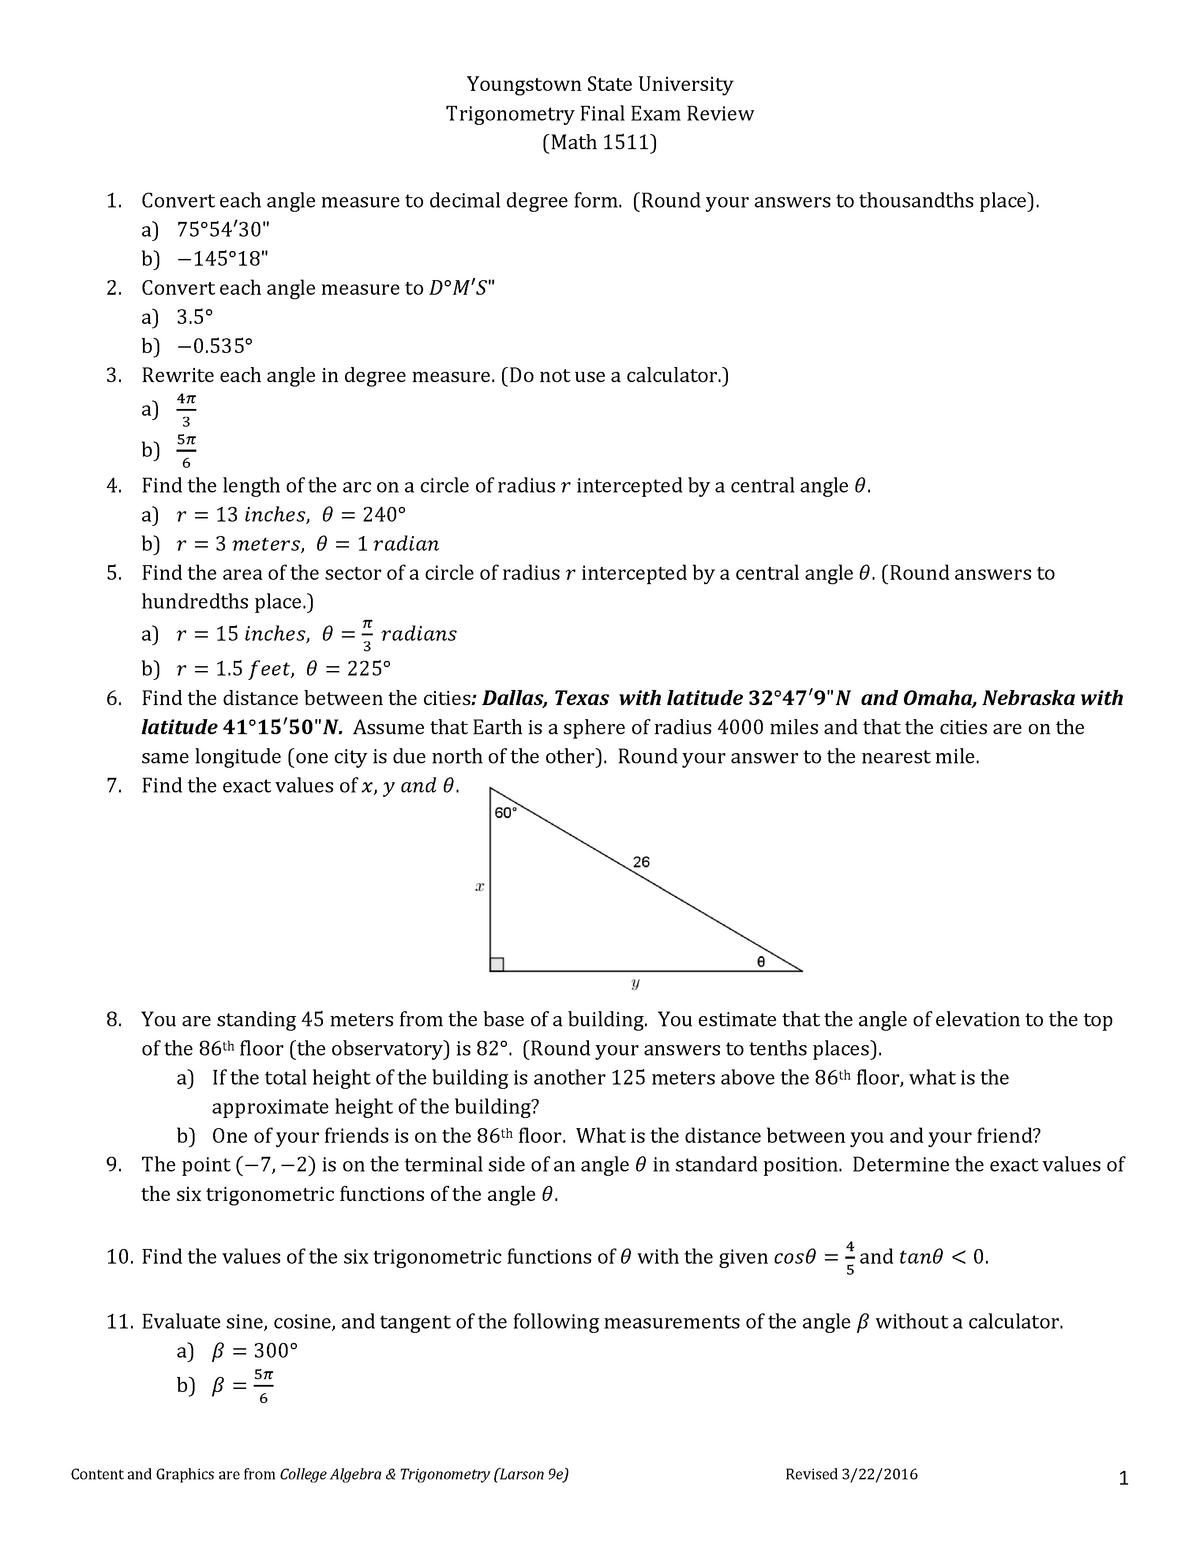 Math 1511 Final exam review S17 - 1511: Trignometry - StuDocu